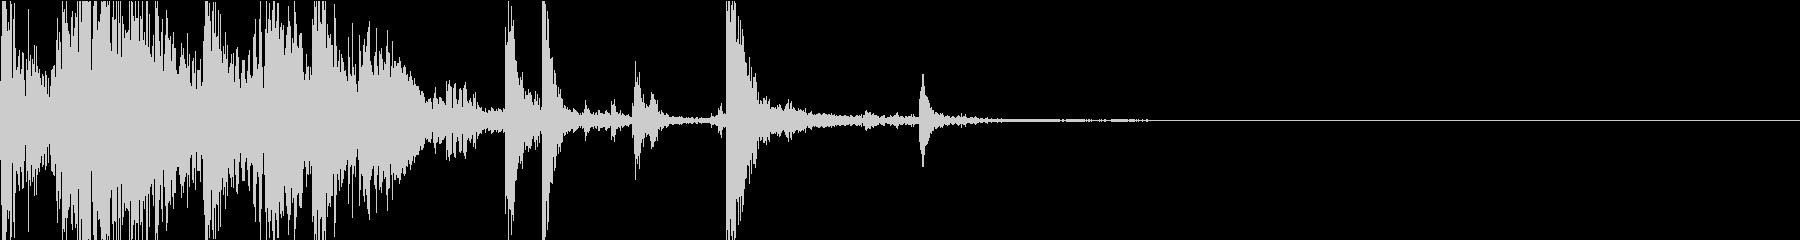 Katana 刀を握る/構える音 鍔 2の未再生の波形